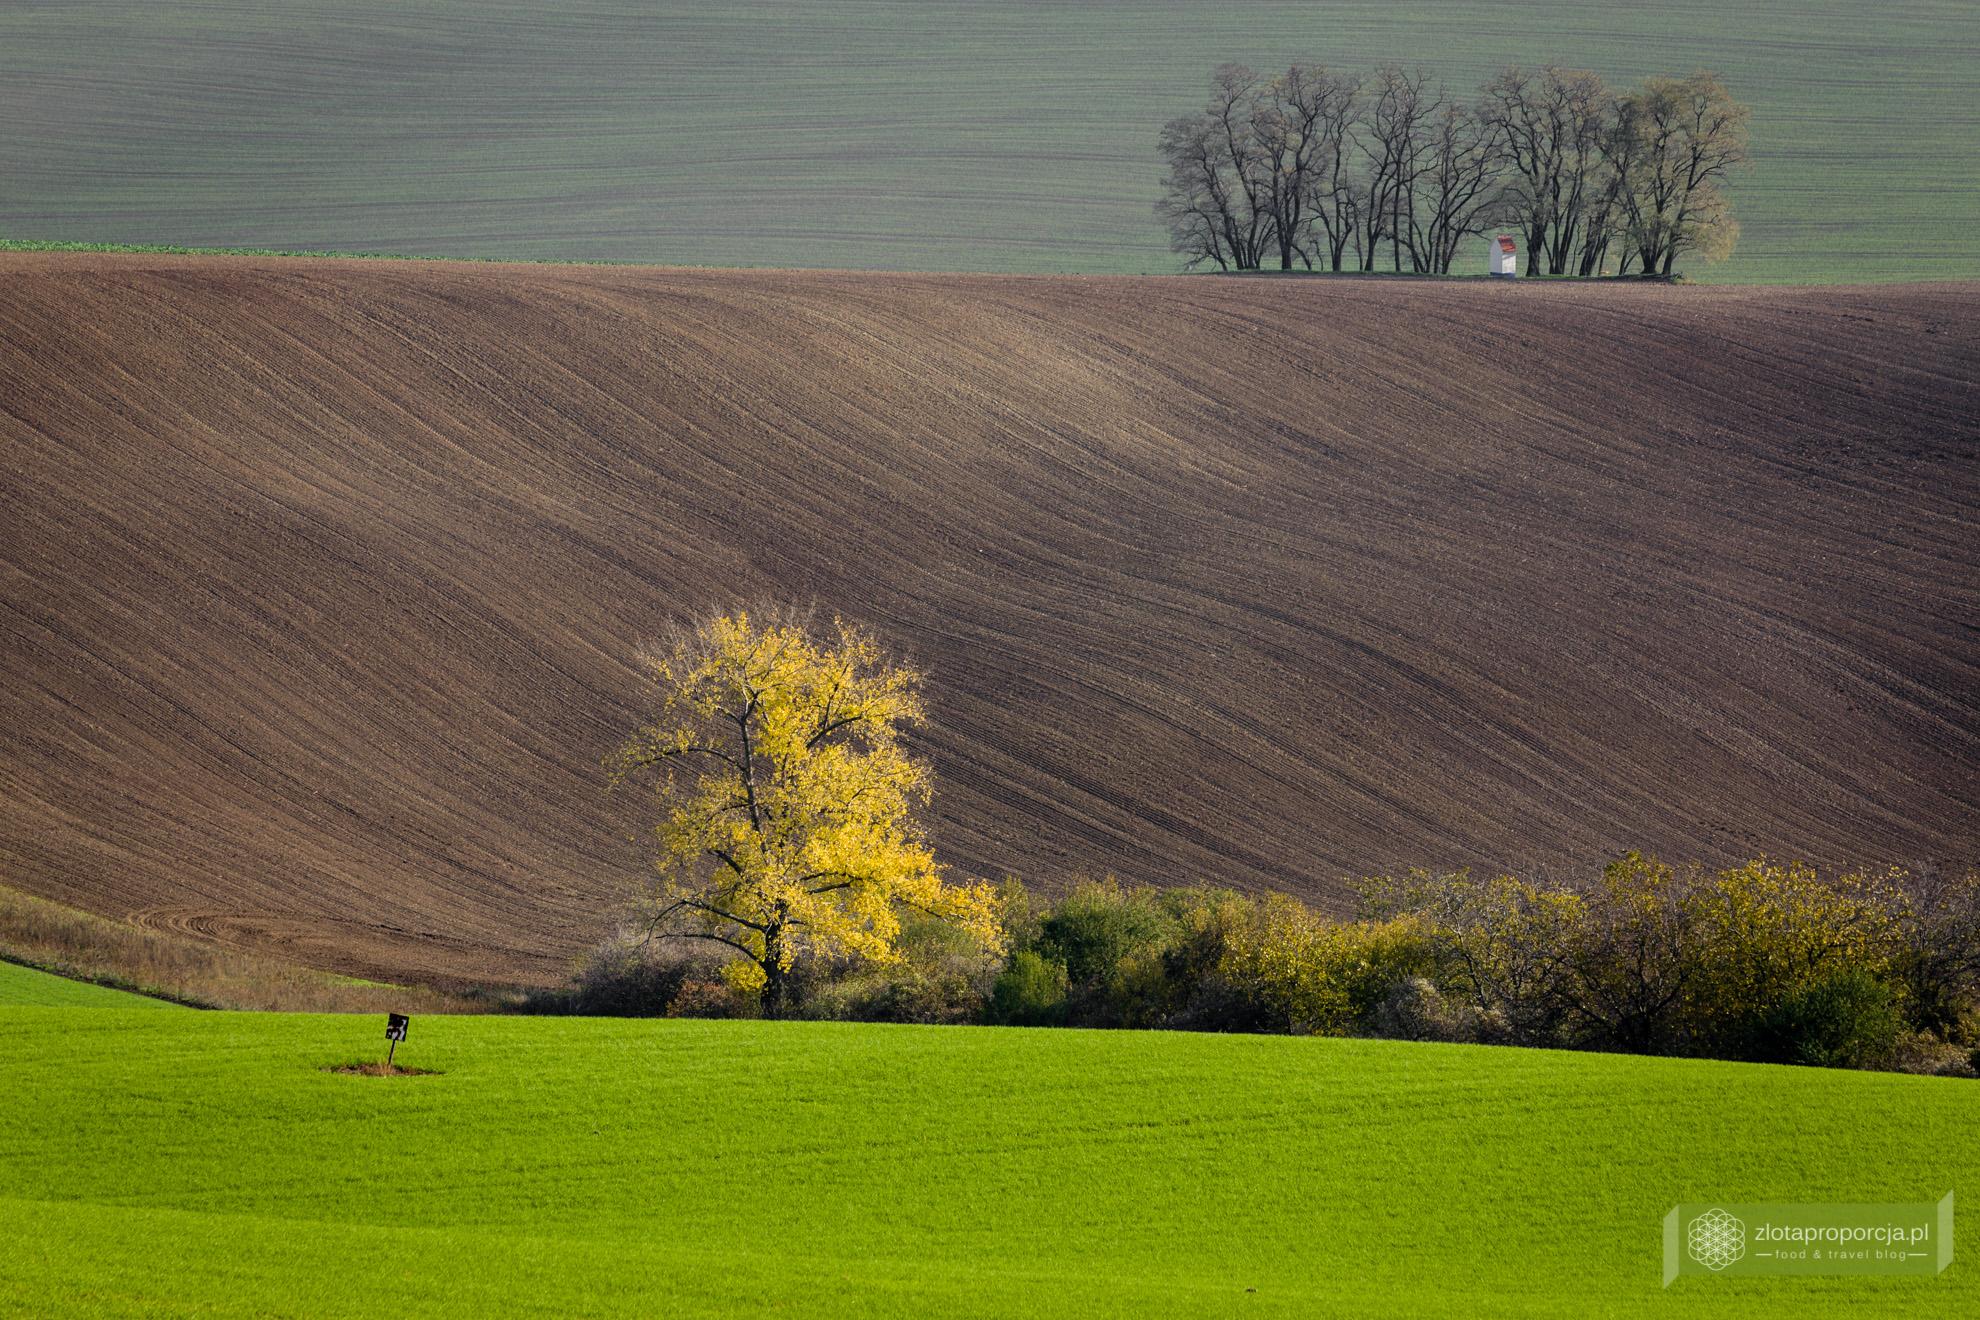 Morawy Południowe, Kyjov, morawskie pola, atrakcje Moraw, kapliczka św. Barbory